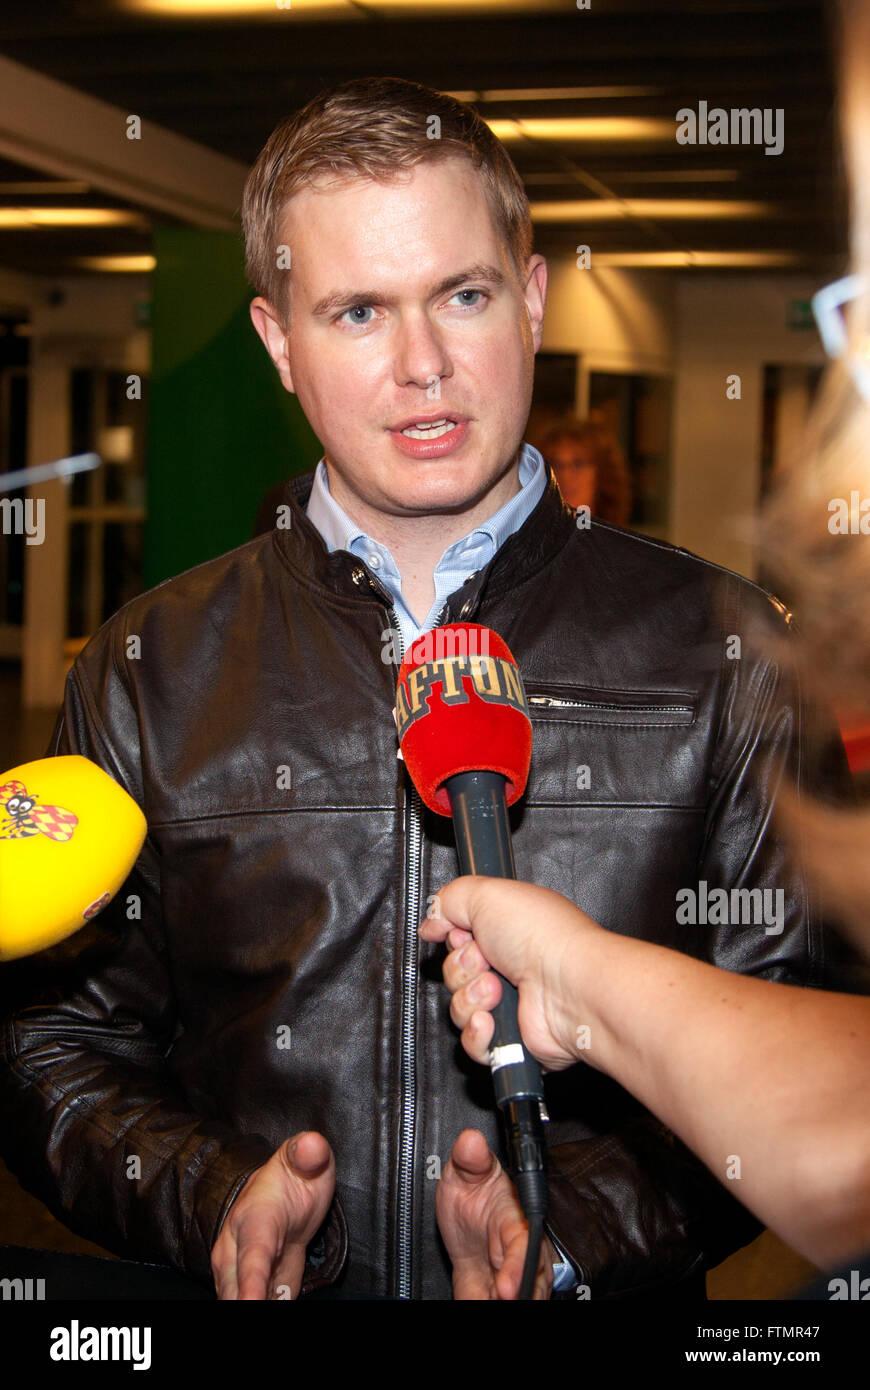 GUSTAV FRIDOLIN  Minister for Education in Sweden - Stock Image